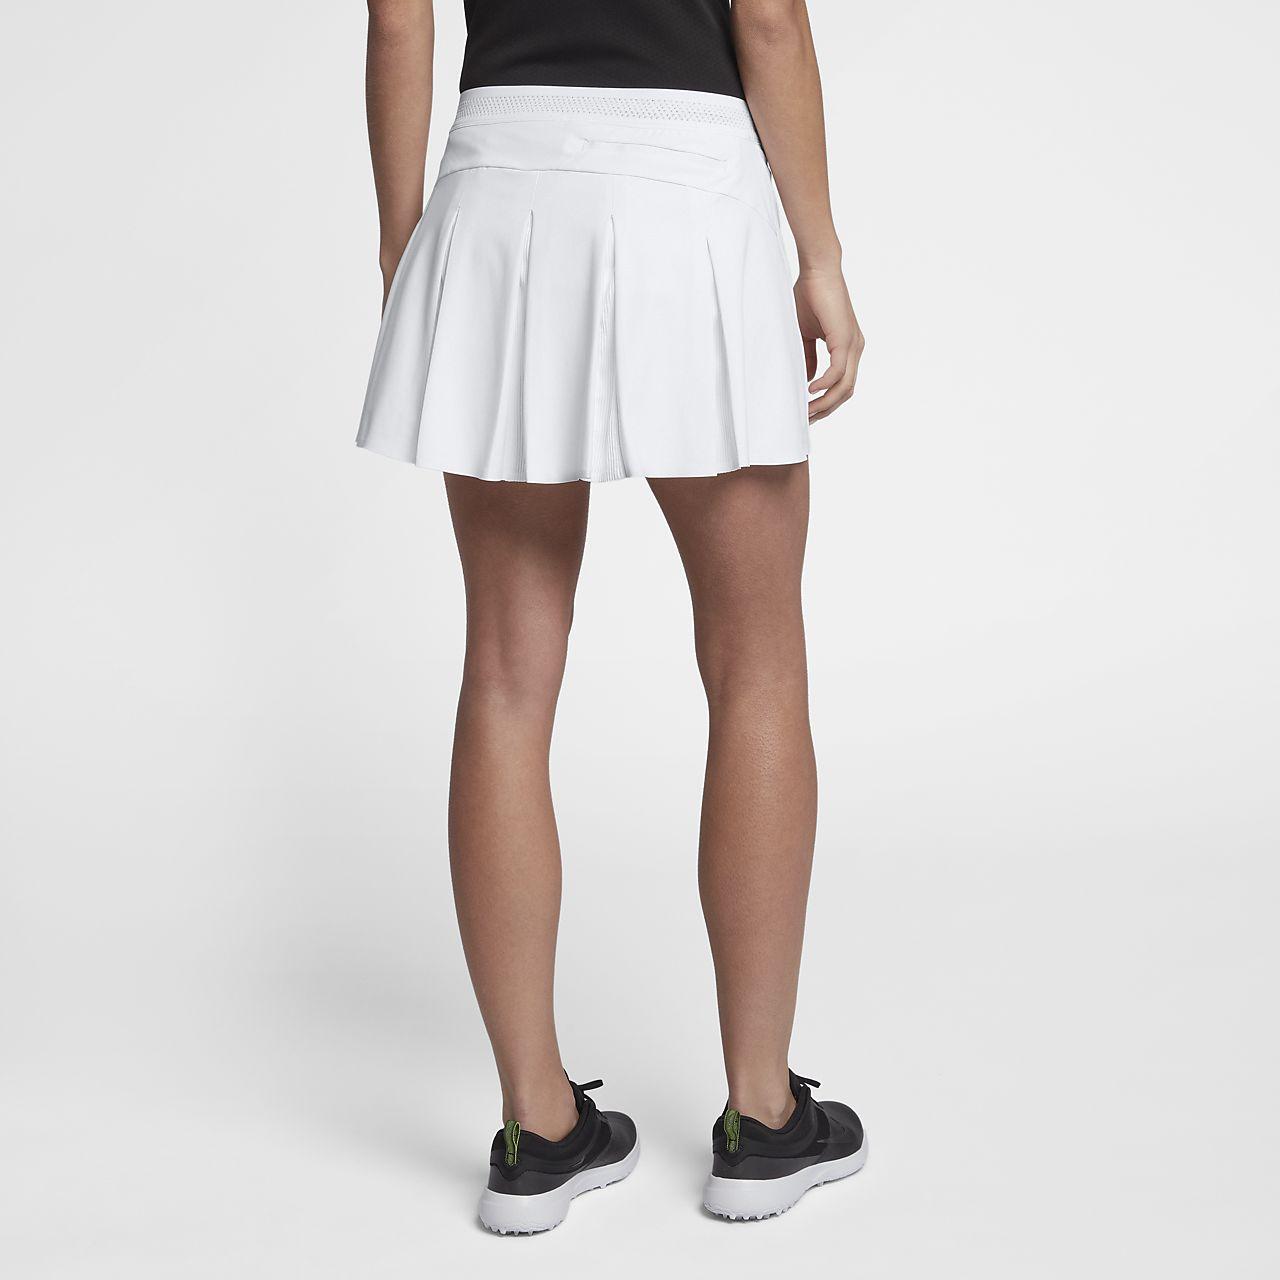 Nike Flex golfskjørt for dame (35,5 cm)